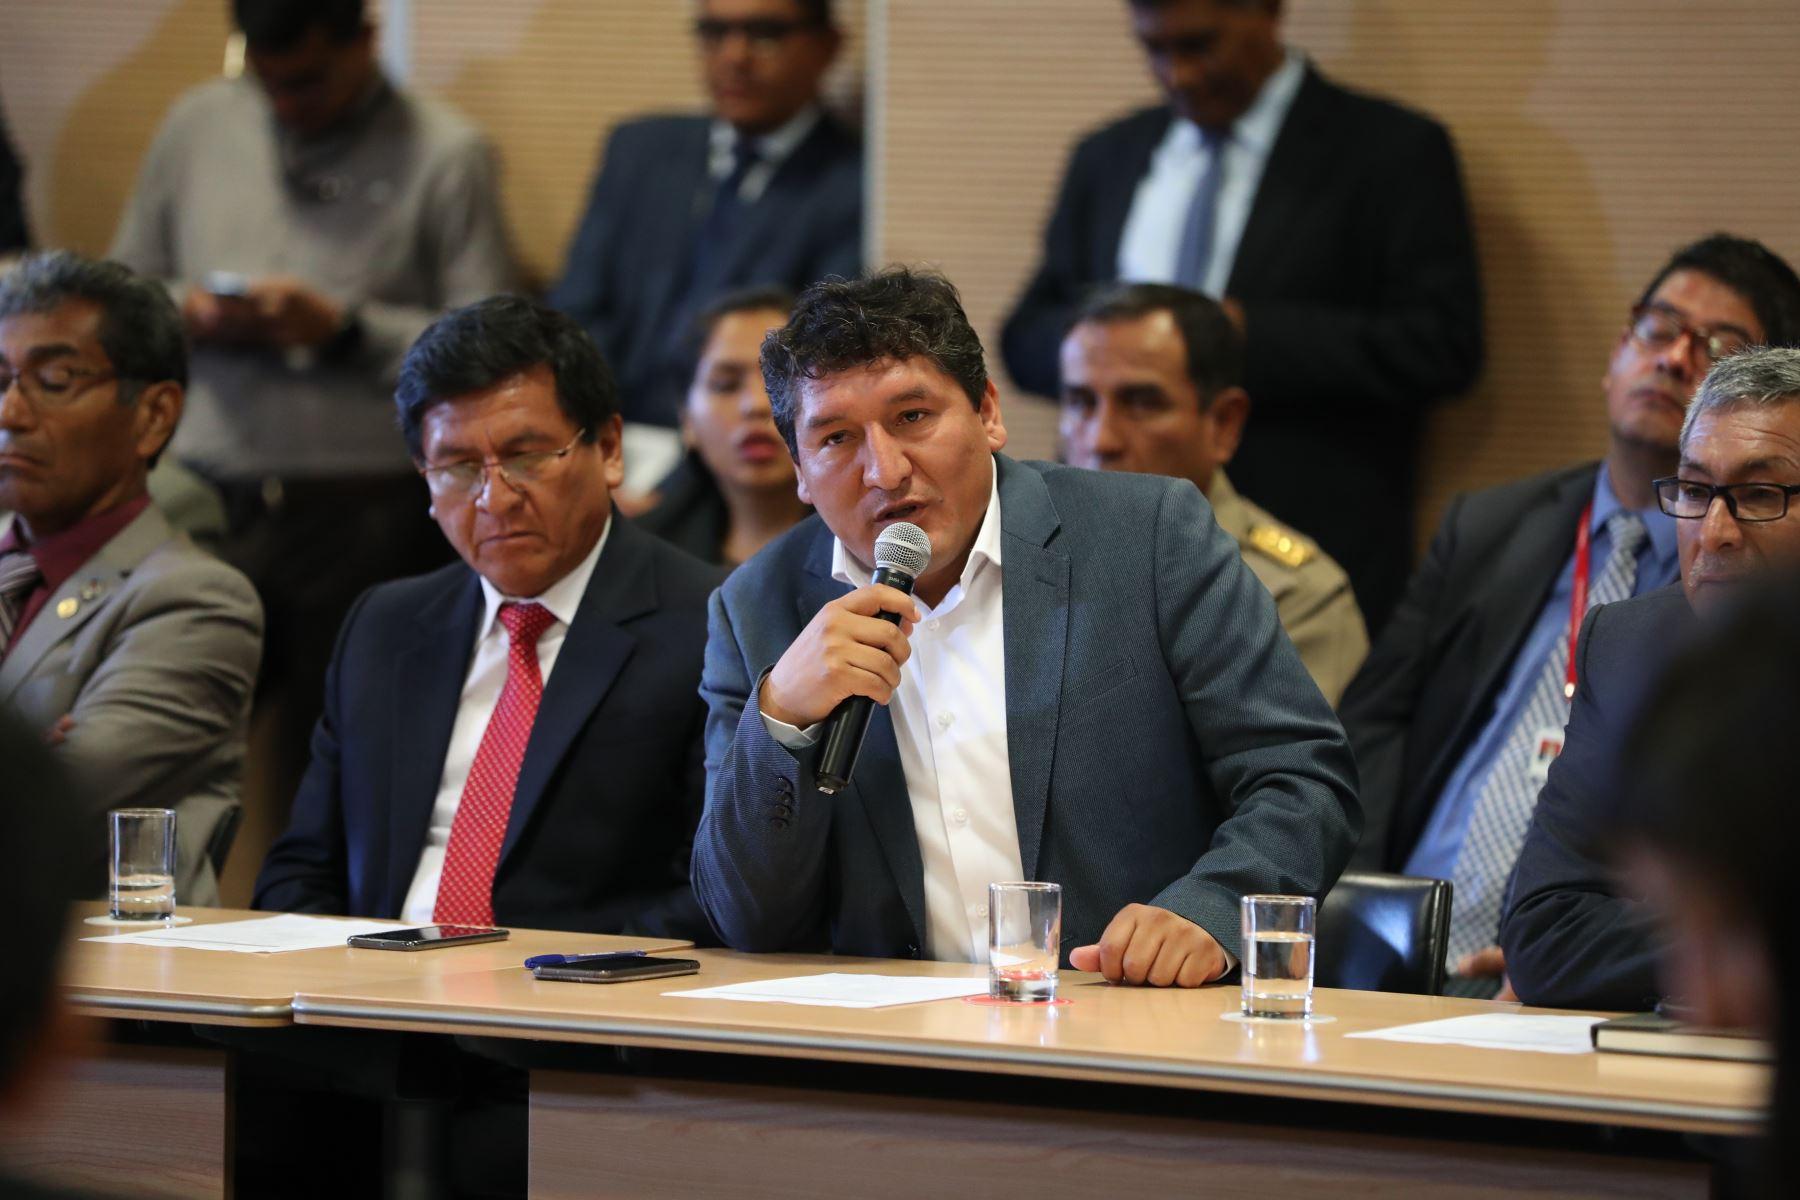 Presidente del Consejo de Ministros , Vicente Zeballos, junto al presidente Martín Vizcarra y la titular del MEF, María Antonieta Alva, sostienen reunión de trabajo con la Asociación de Municipalidades del Perú - AMPE. Foto: ANDINA/ PCM